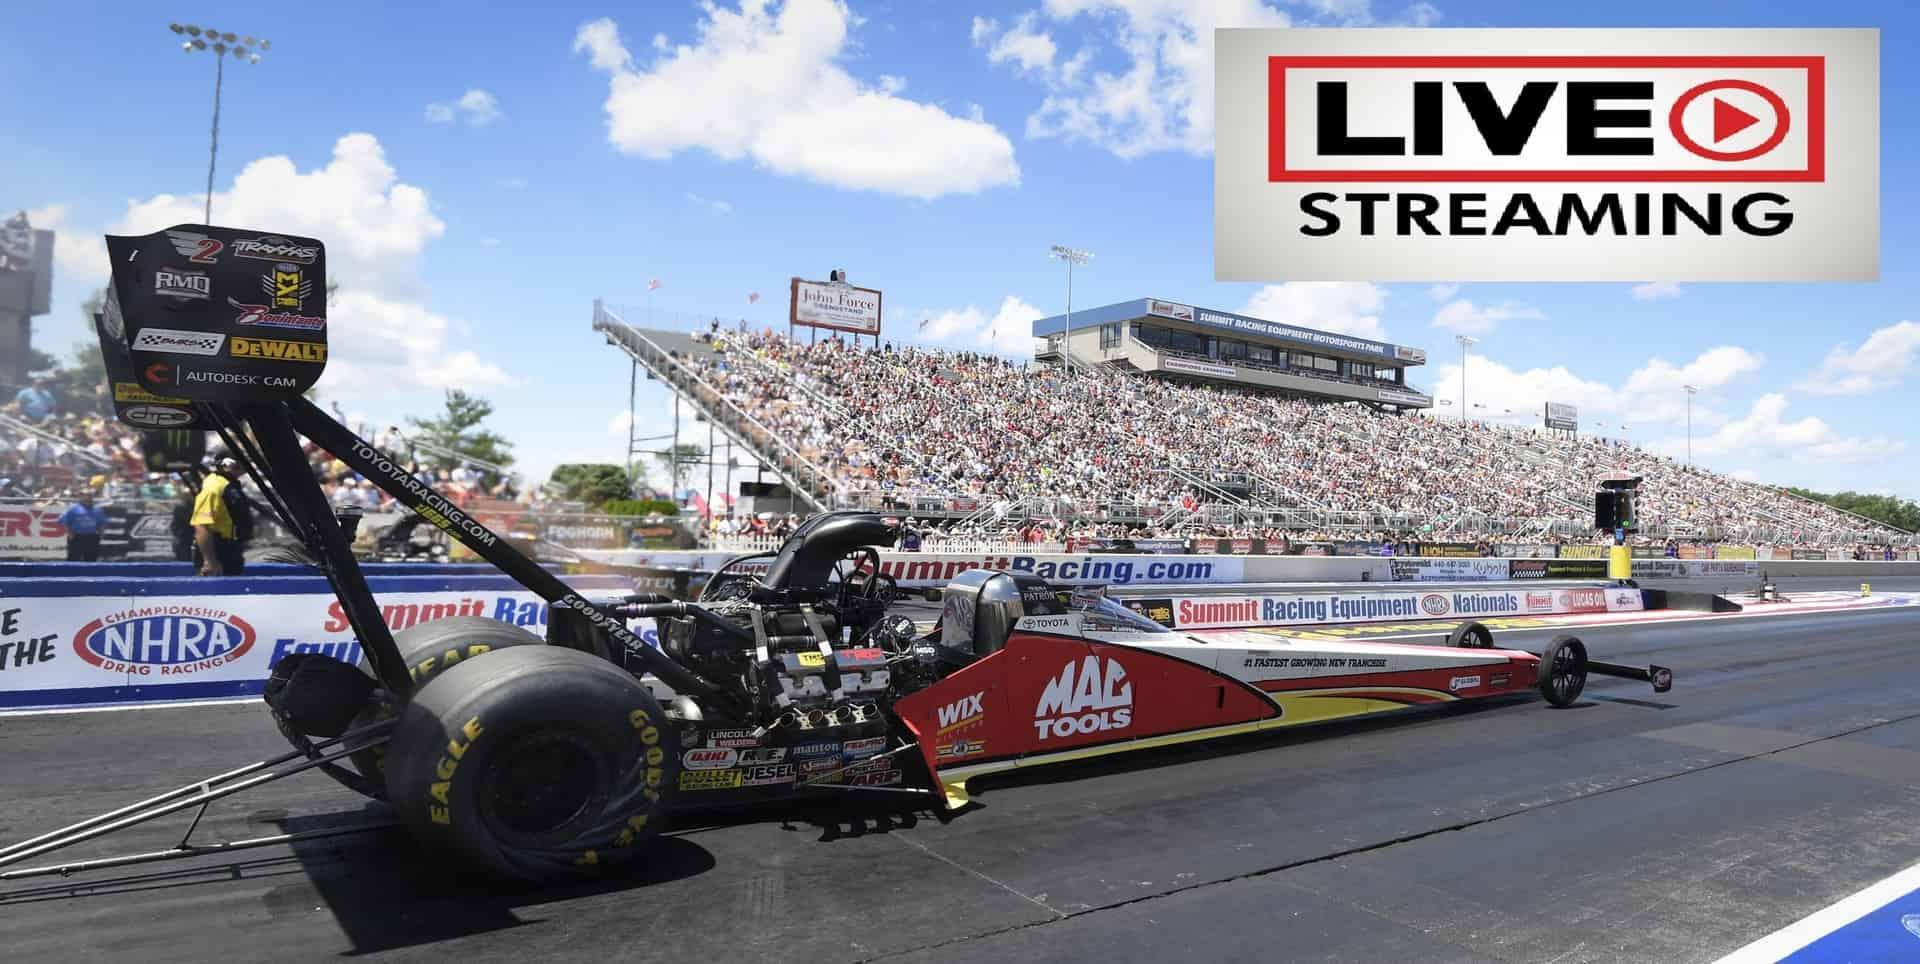 2017 NHRA Lucas Oil Drag Racing Series Schedule